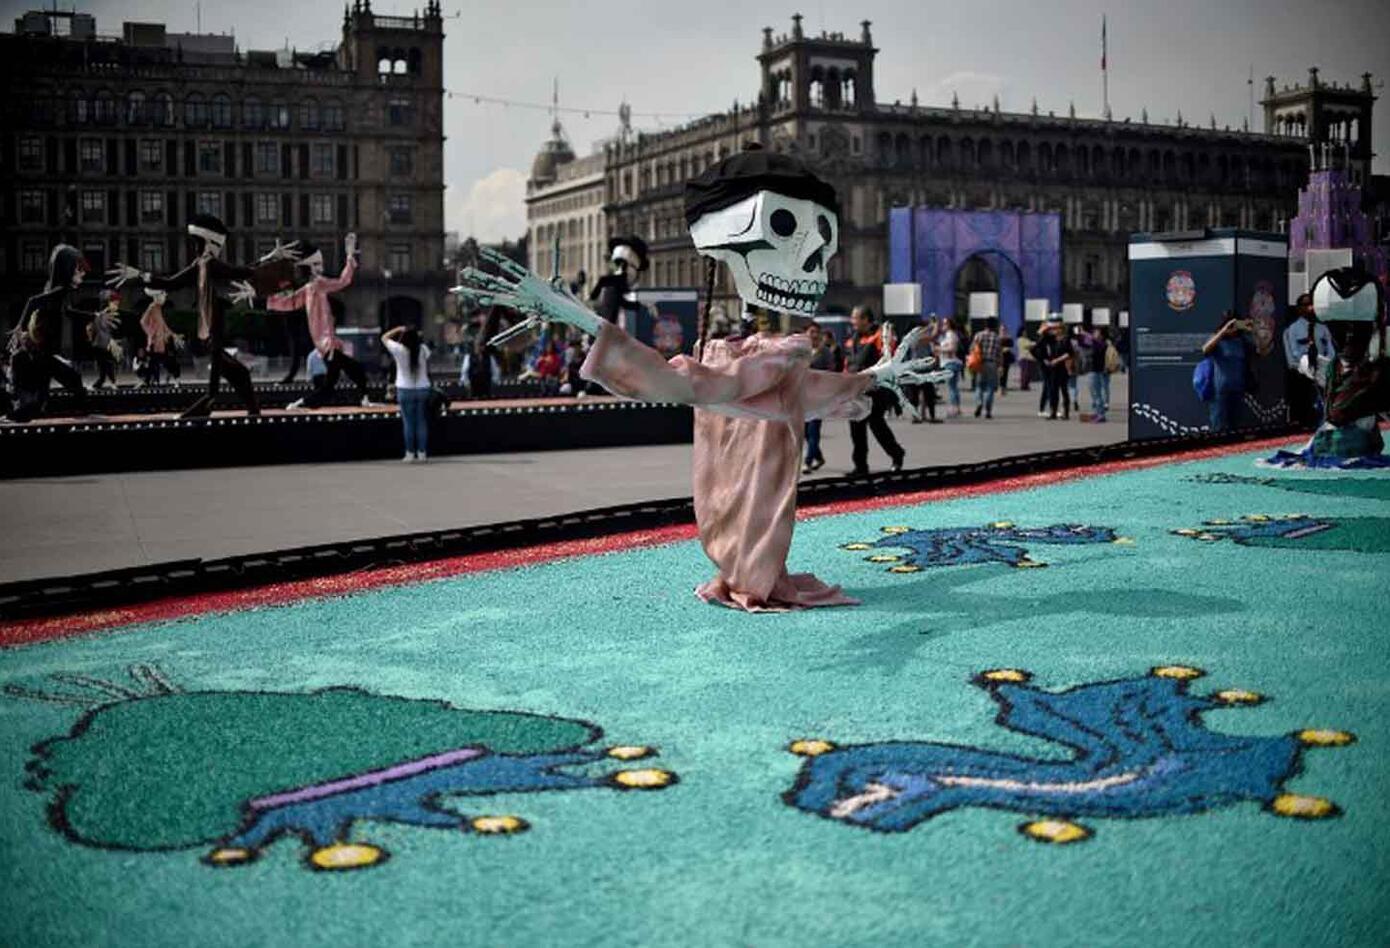 El 7 de noviembre de 2003 la Unesco calificó esta festividad como Obra Maestra del patrimonio Oral e Intangible de la Humanidad.